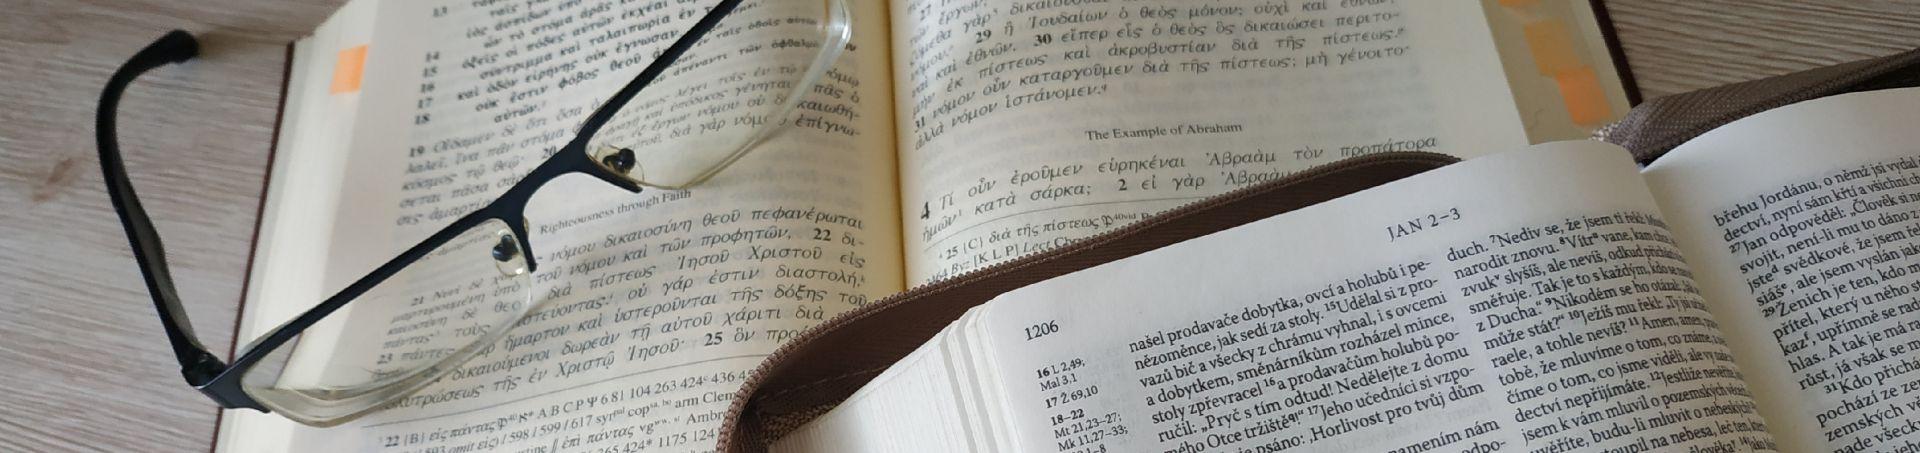 Biblická pátrání Zlín